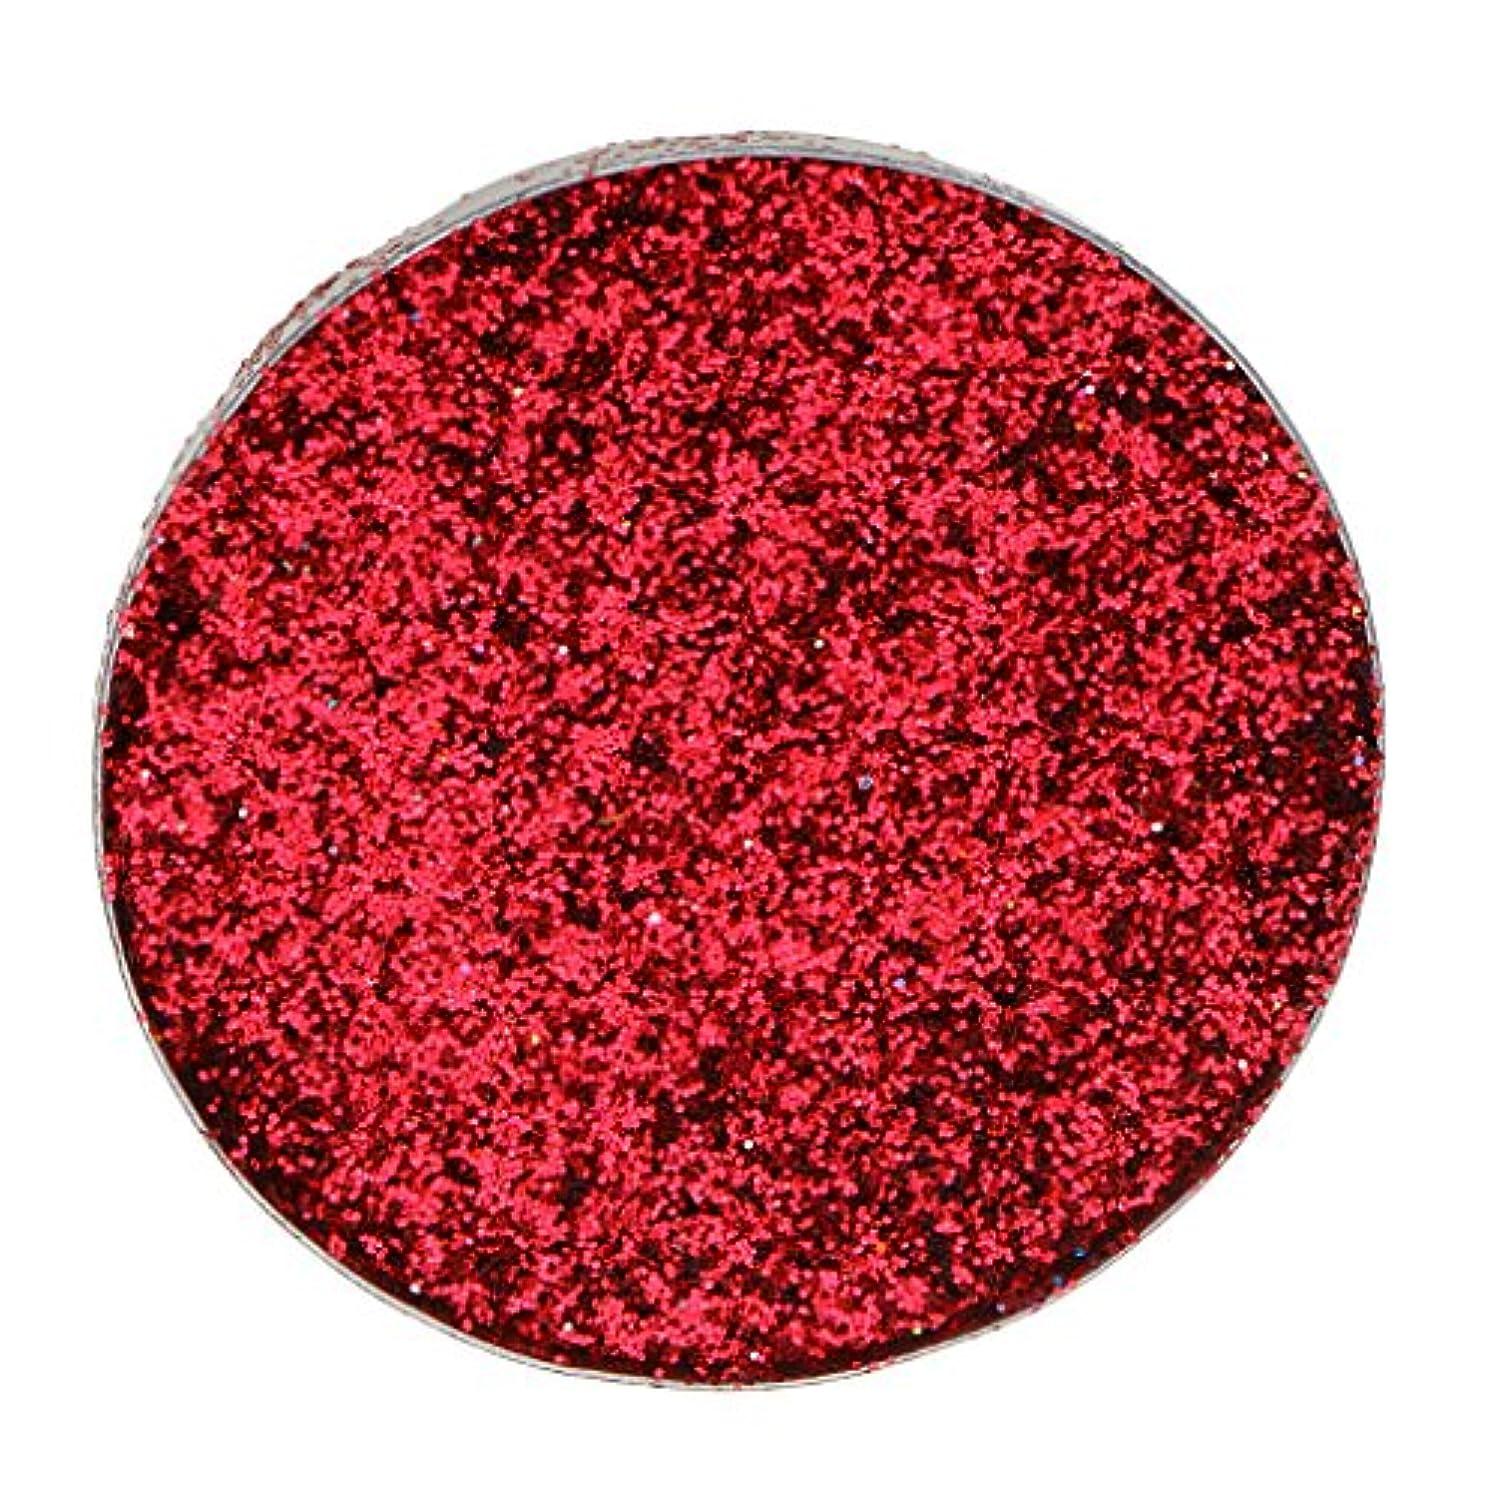 領事館アジテーション語ダイヤモンドキラキラ輝き輝くメークアッププレスアイシャドー顔料 - 赤